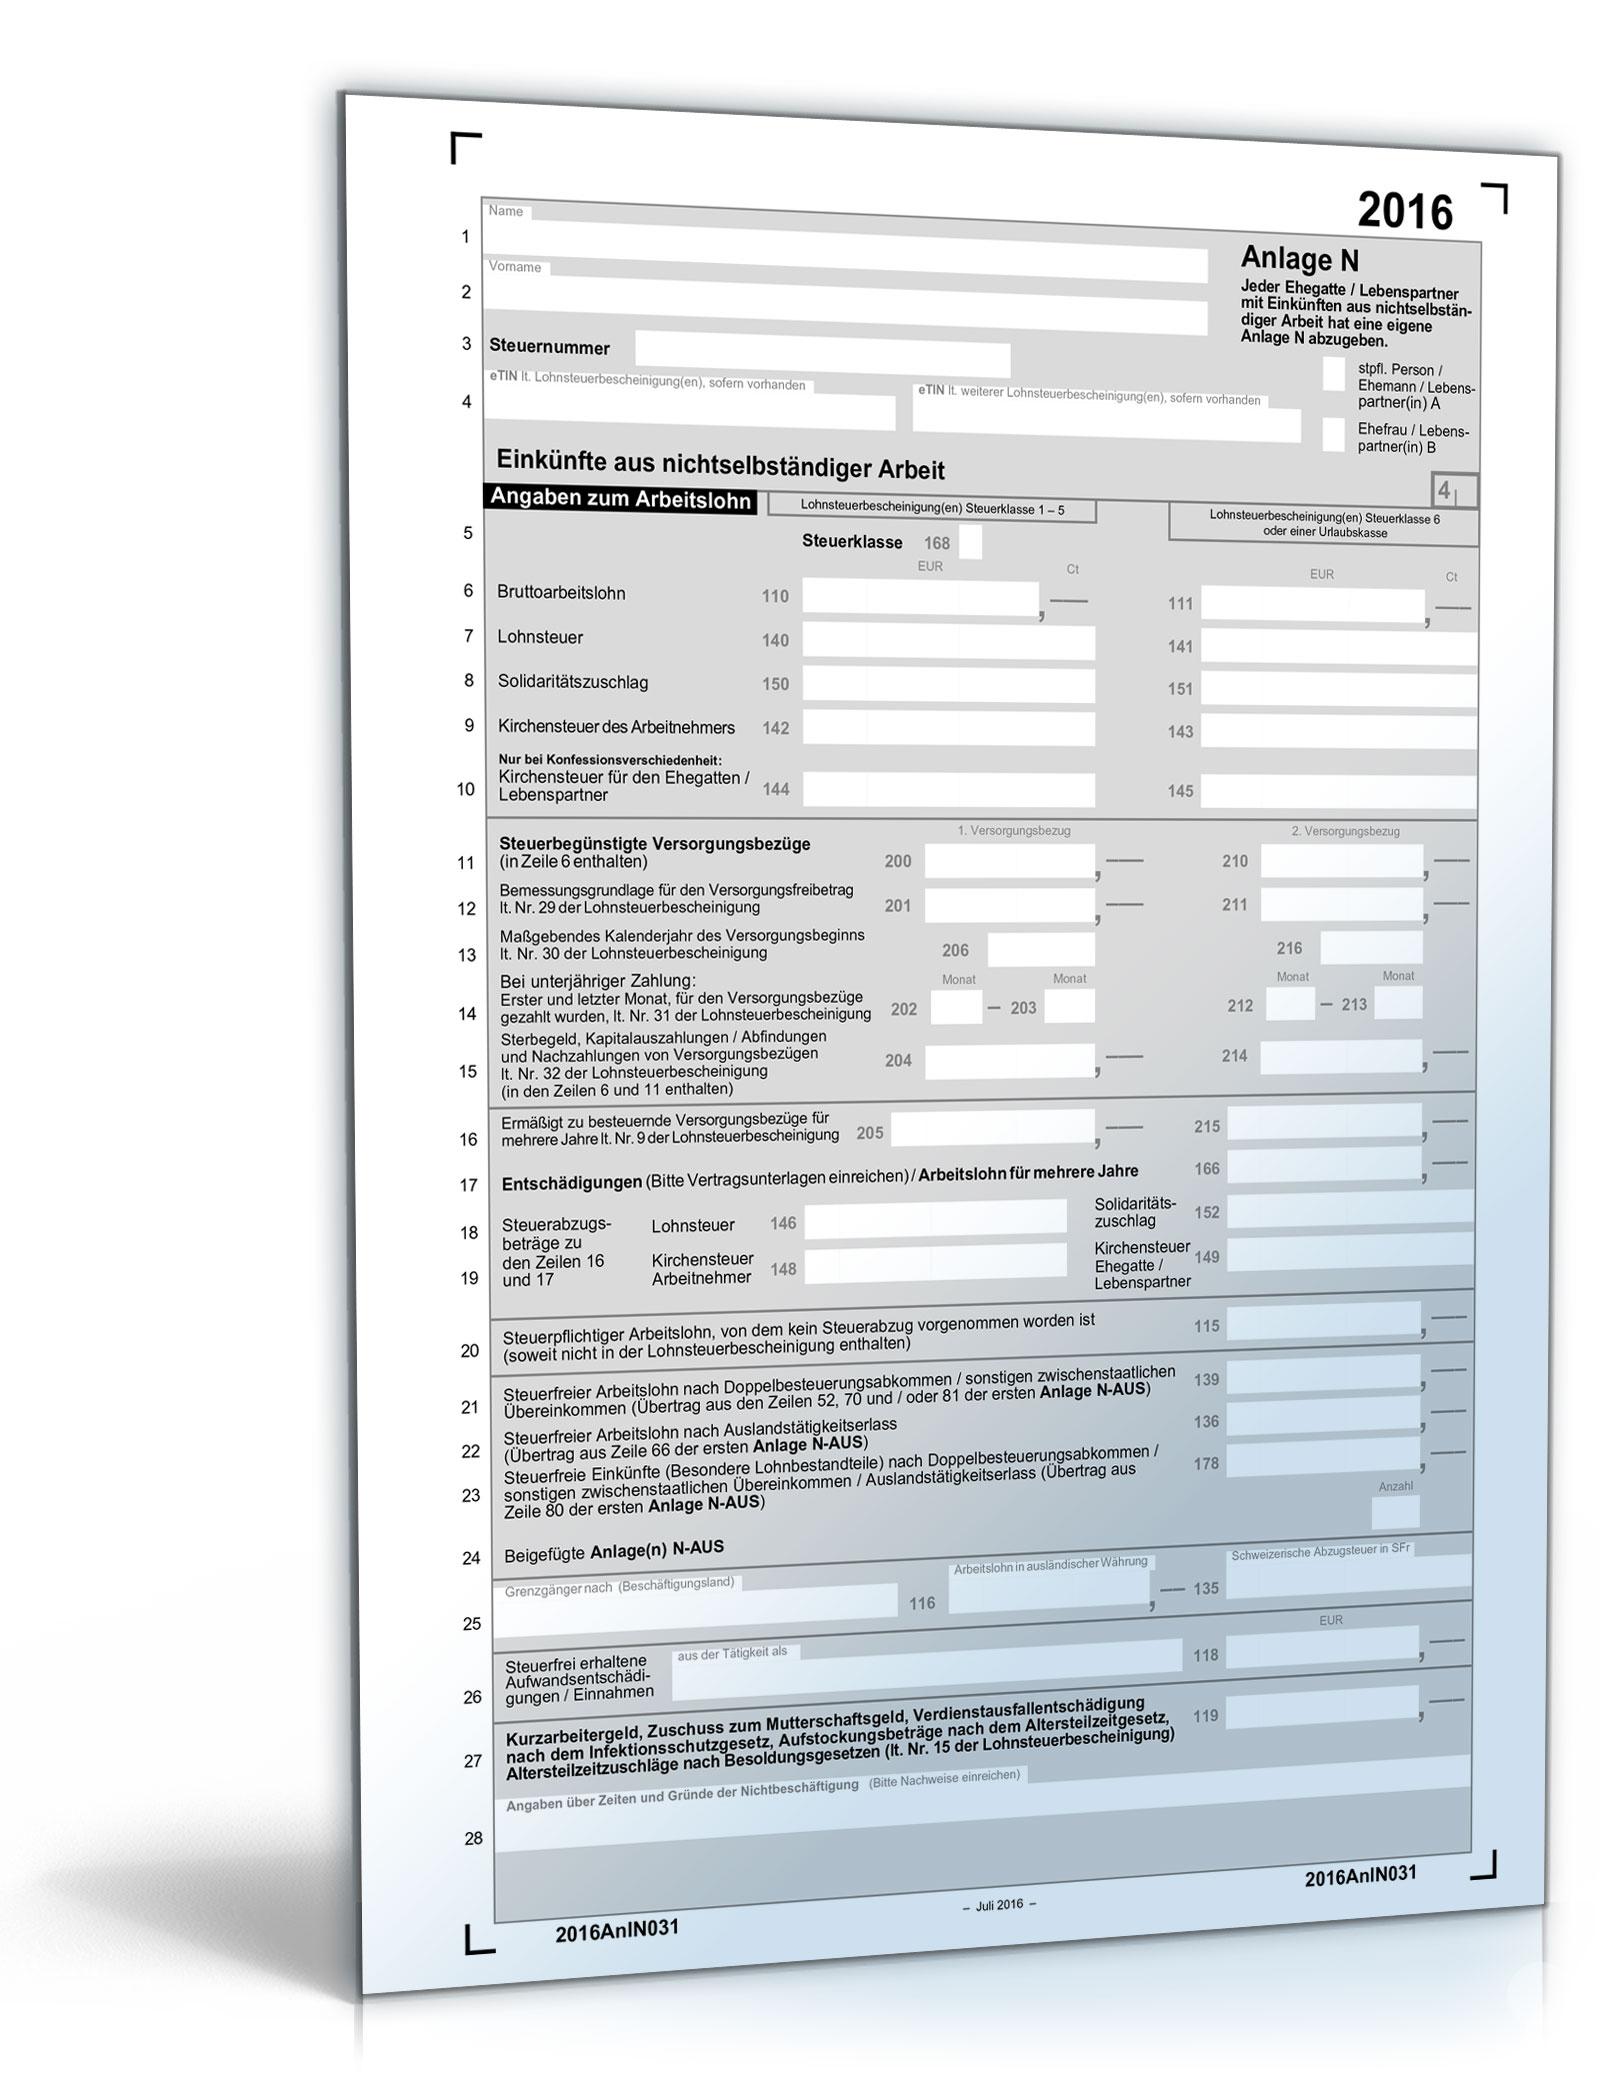 Download Archiv Dokumente Vorlagen Kostenloskostenpflichtig